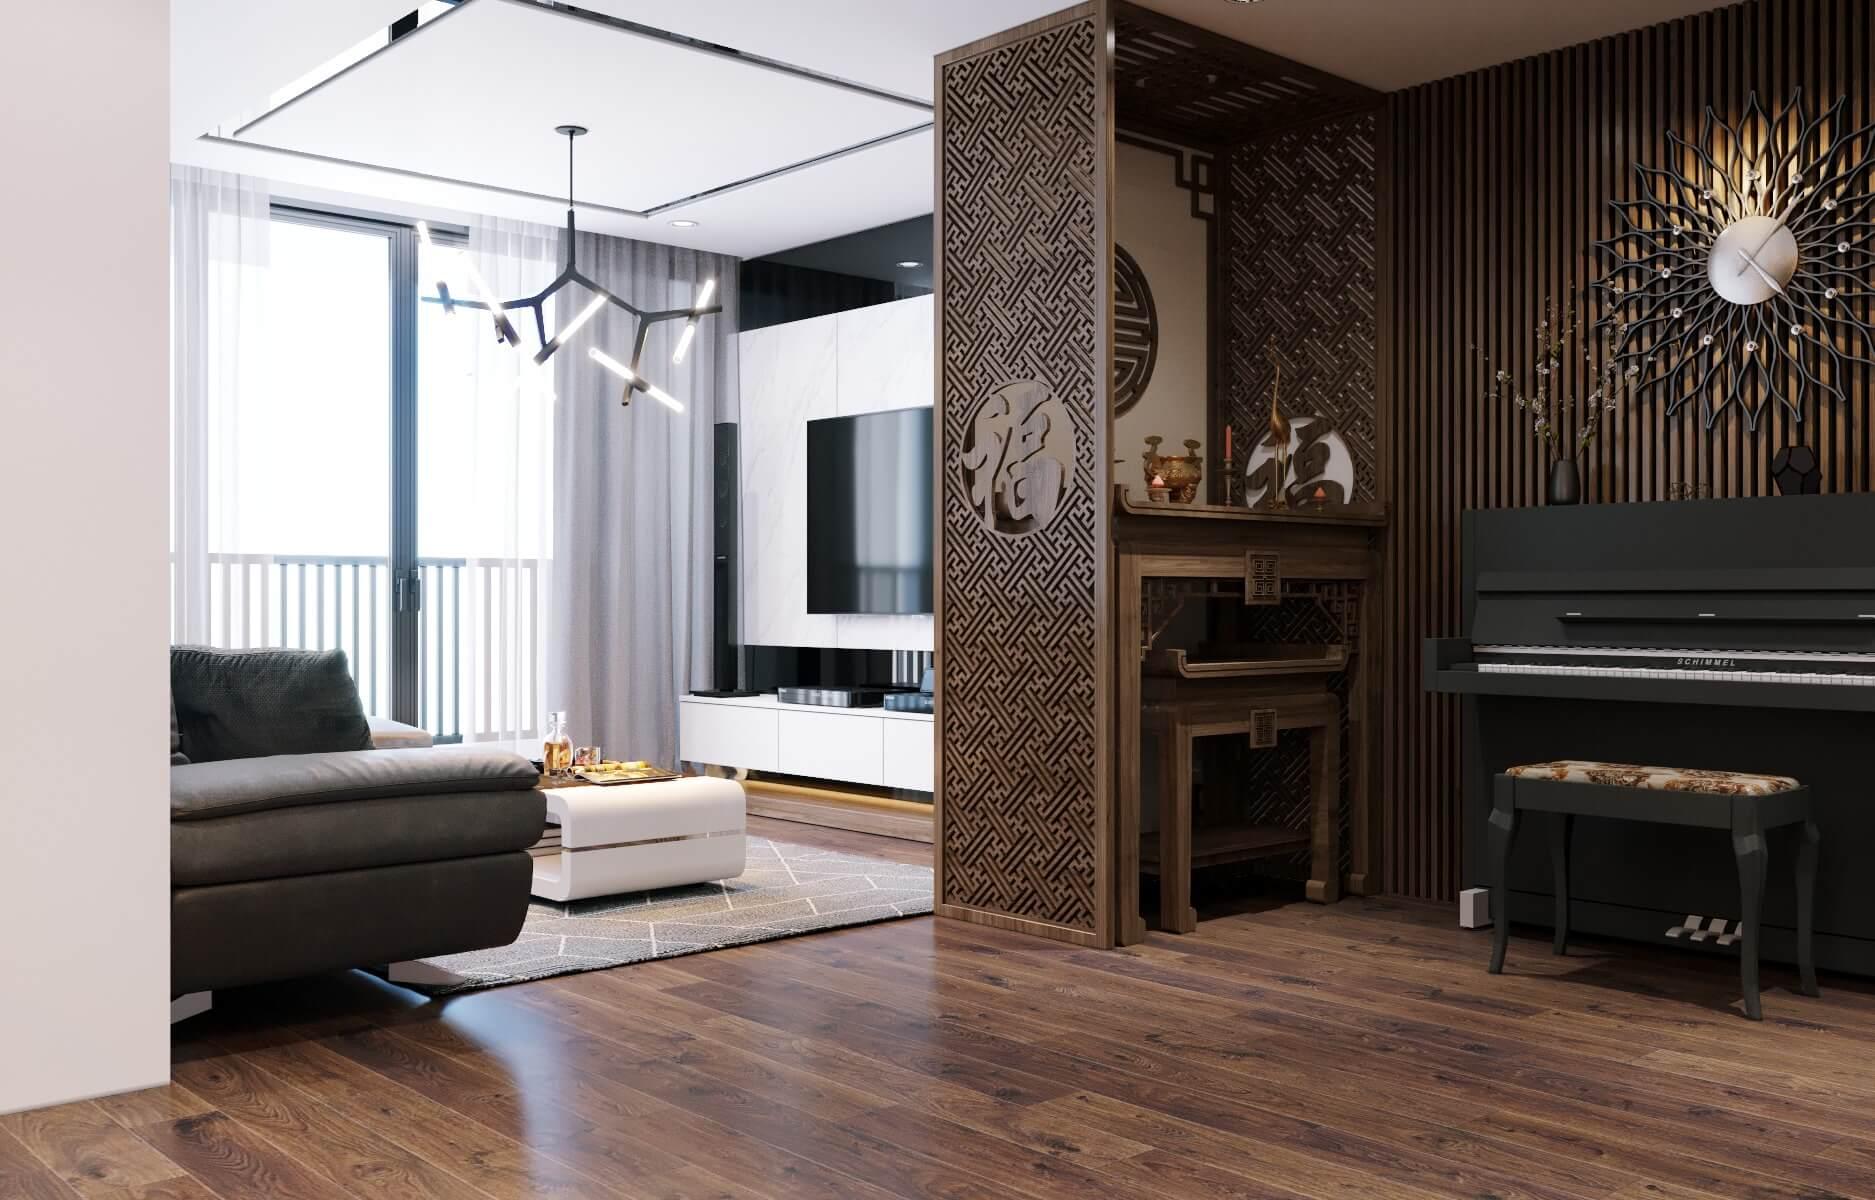 Thiết kế phòng khách với tông màu sáng hiện đại